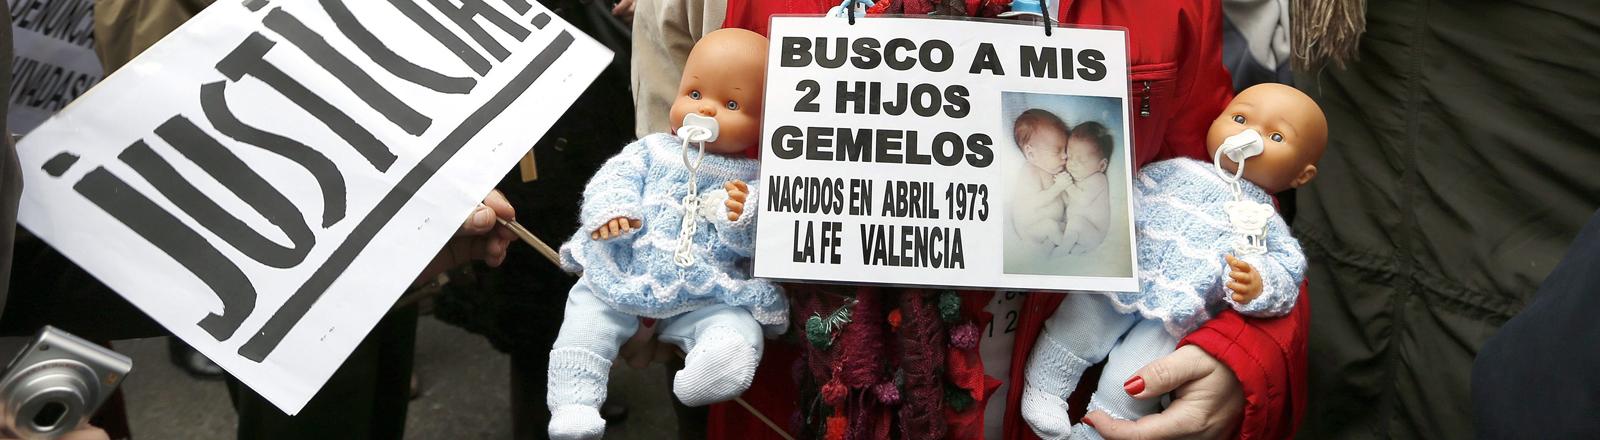 Frau mit zwei Puppen im Arm. Ein Schild baumelt vor ihrer Brust: Suche meine zwei Söhne. Zwillinge, geboren im April 1973.